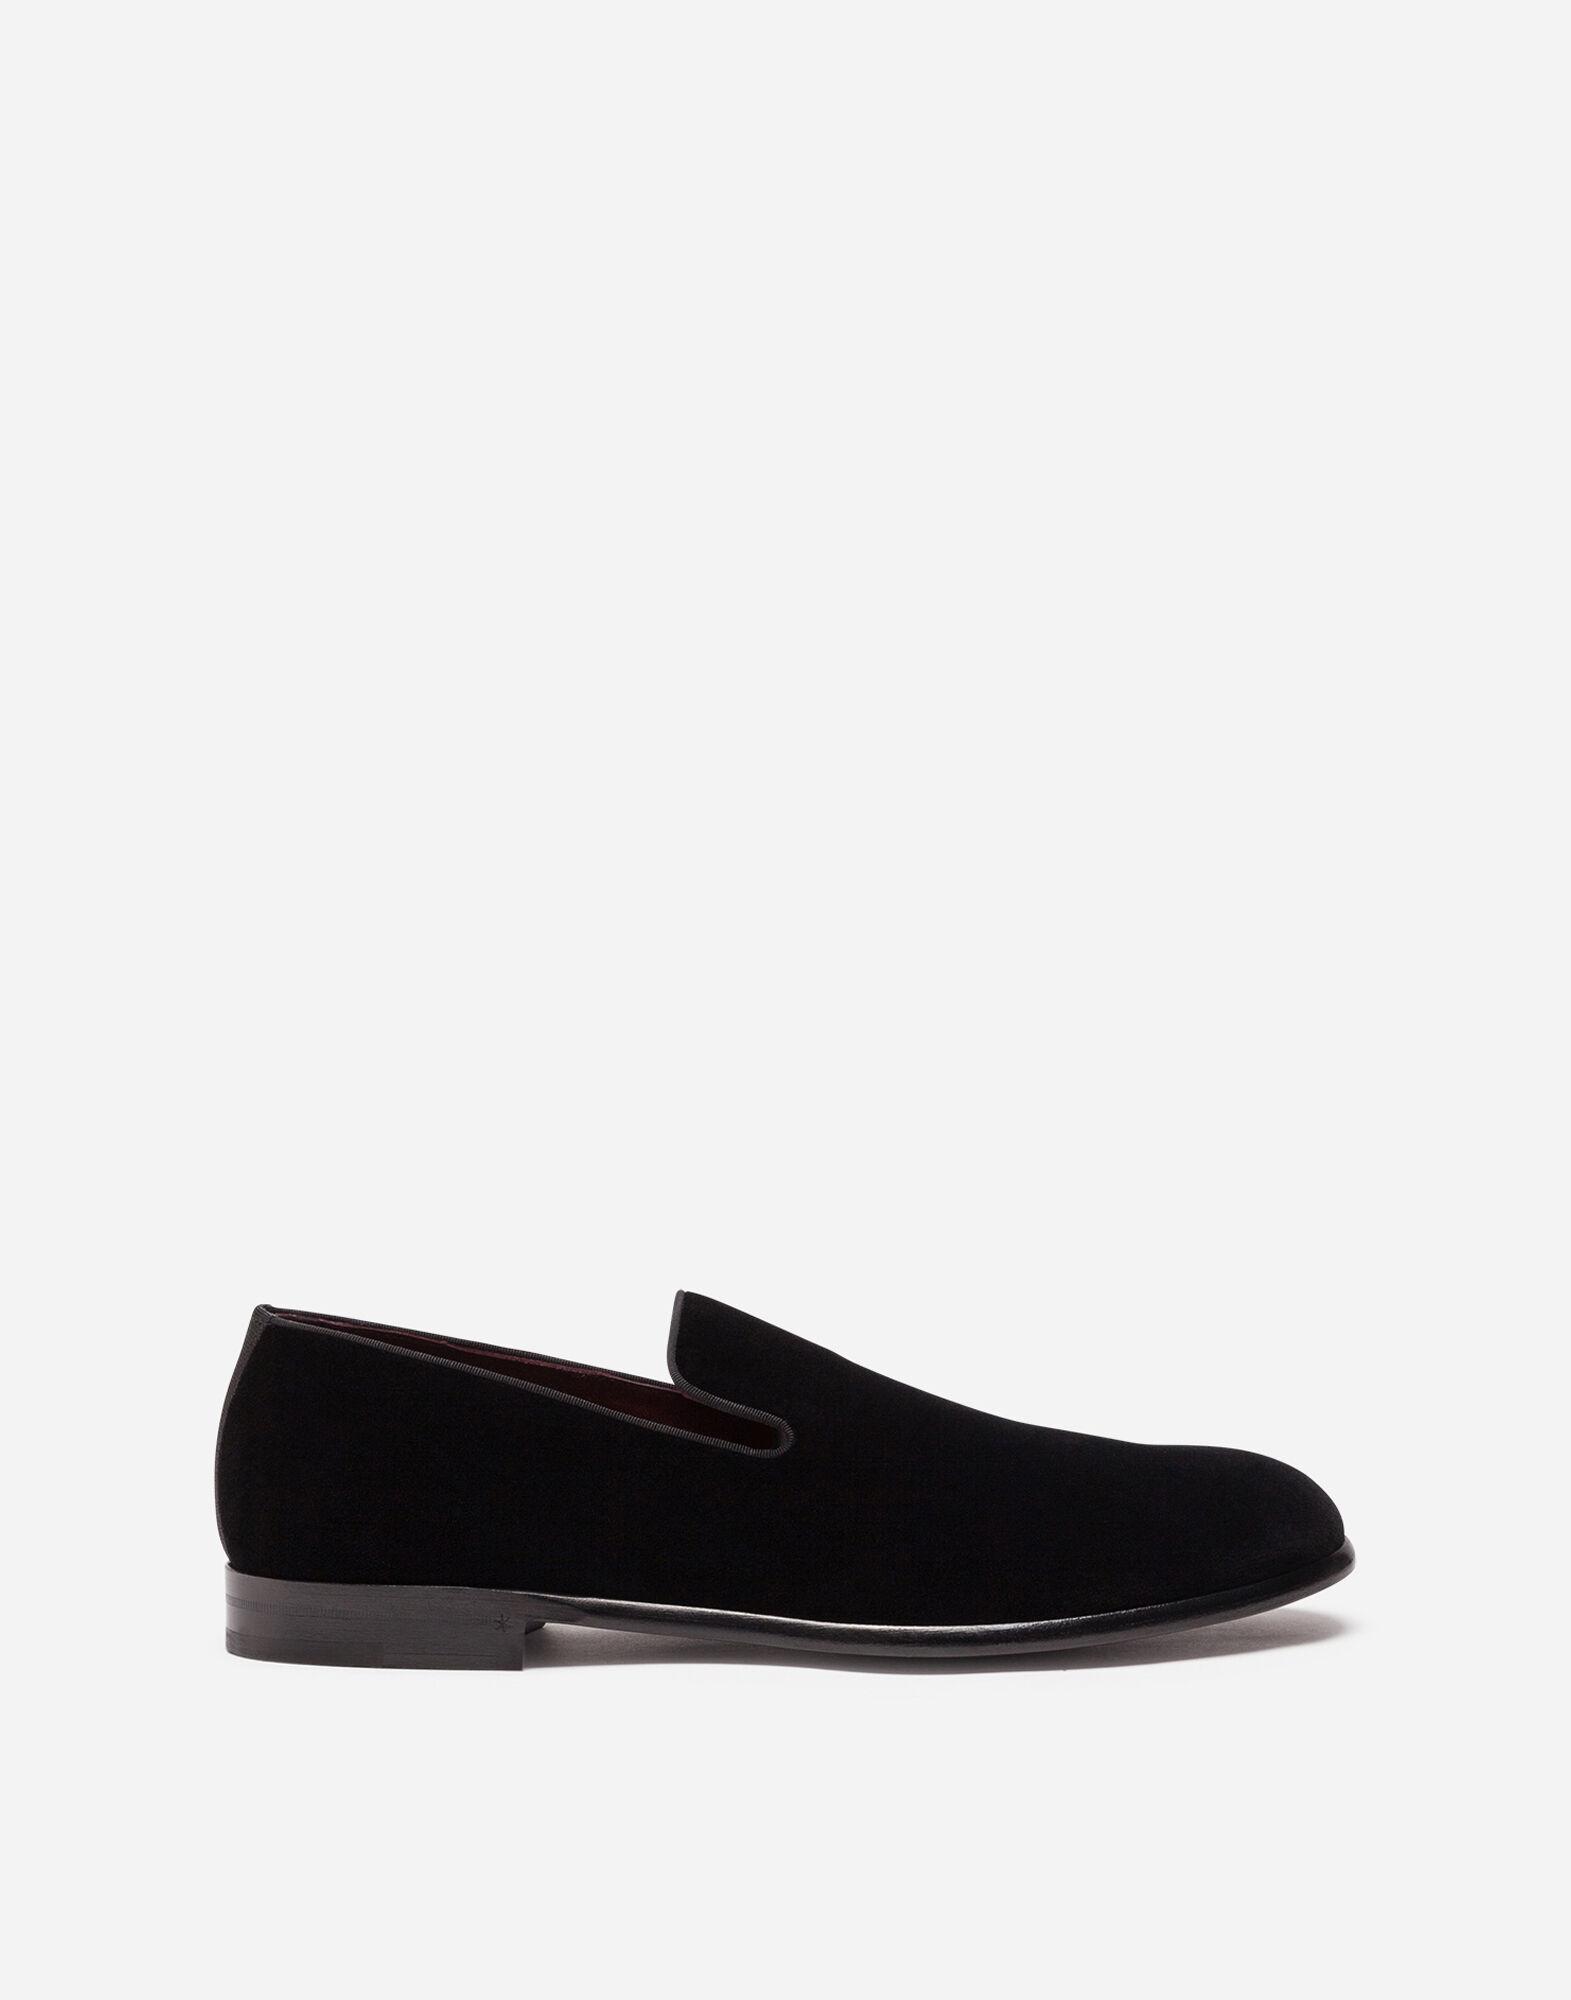 Pantofola In Velluto Scarpe Uomo | Dolce&Gabbana